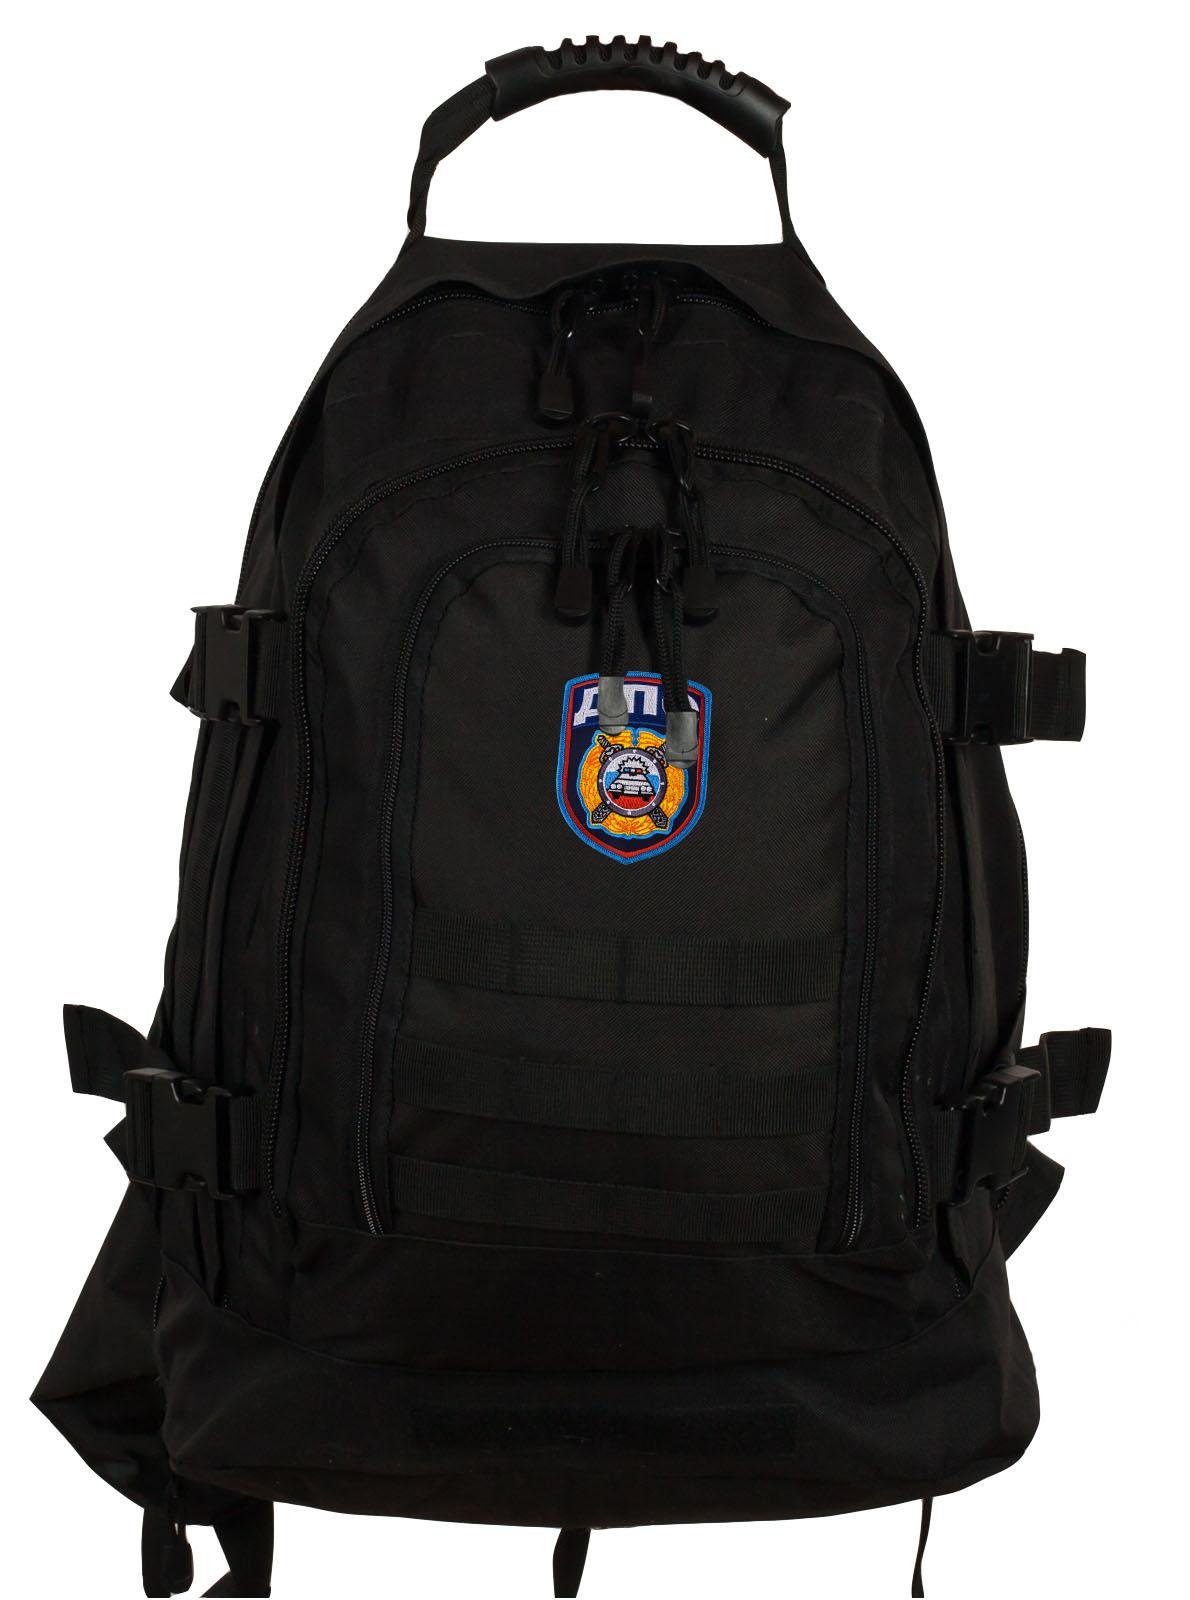 Тактический армейский рюкзак с нашивкой ДПС - купить в подарок